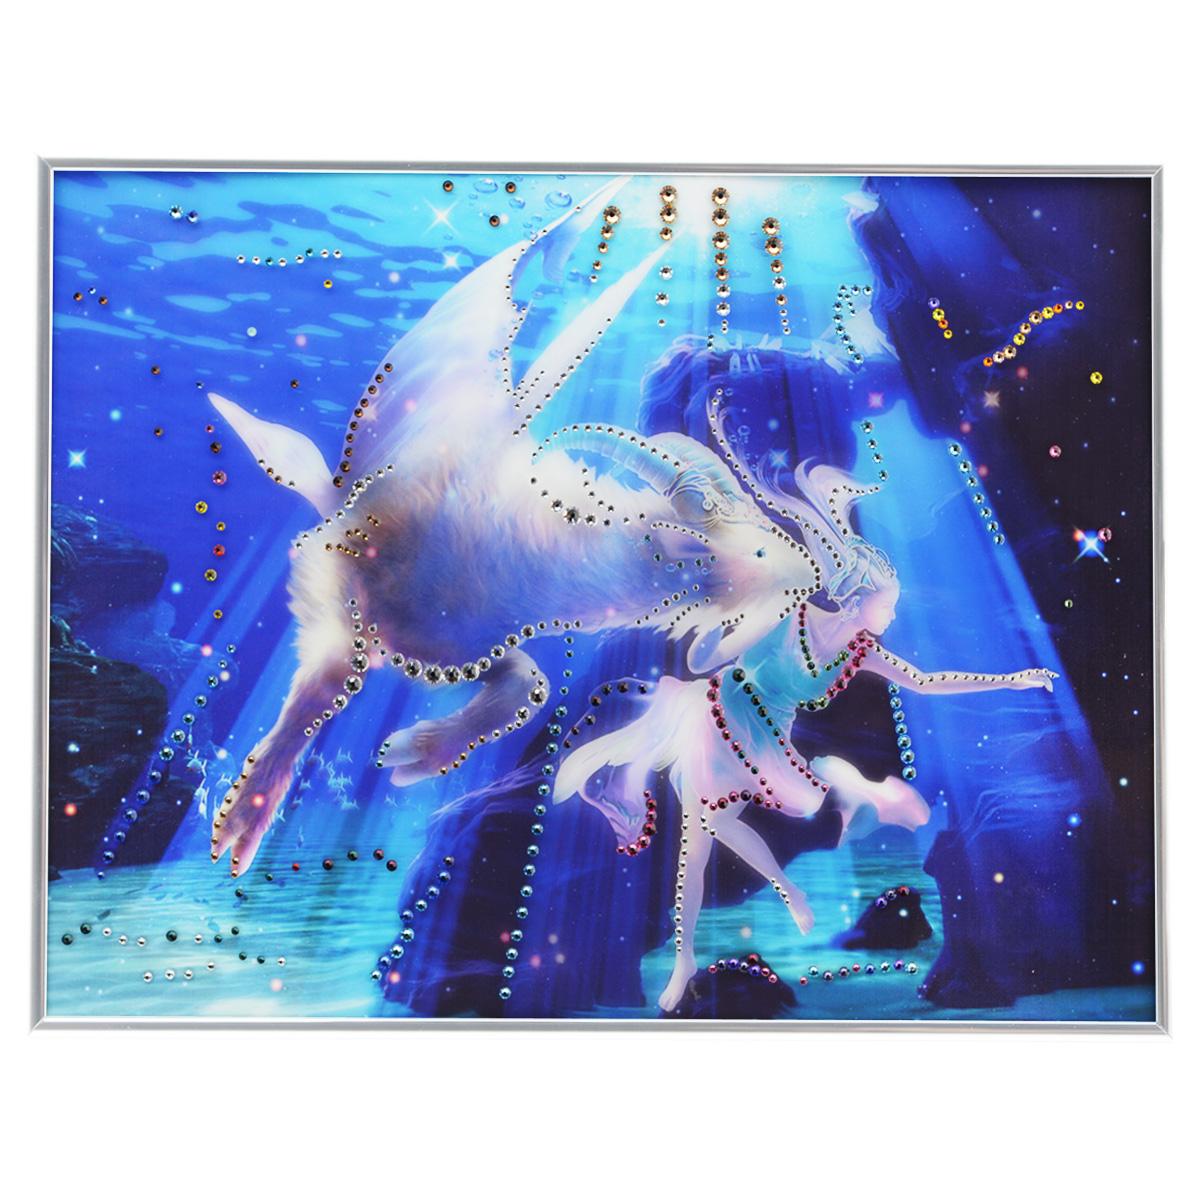 Картина с кристаллами Swarovski Знак зодиака. Козерог Кагая, 40 см х 30 см91589Изящная картина в металлической раме, инкрустирована кристаллами Swarovski, которые отличаются четкой и ровной огранкой, ярким блеском и чистотой цвета. Красочное изображение знака зодиака - козерог Кагая, расположенное под стеклом, прекрасно дополняет блеск кристаллов. С обратной стороны имеется металлическая петелька для размещения картины на стене. Картина с кристаллами Swarovski Знак зодиака. Козерог Кагая элегантно украсит интерьер дома или офиса, а также станет прекрасным подарком, который обязательно понравится получателю. Блеск кристаллов в интерьере, что может быть сказочнее и удивительнее. Картина упакована в подарочную картонную коробку синего цвета и комплектуется сертификатом соответствия Swarovski.